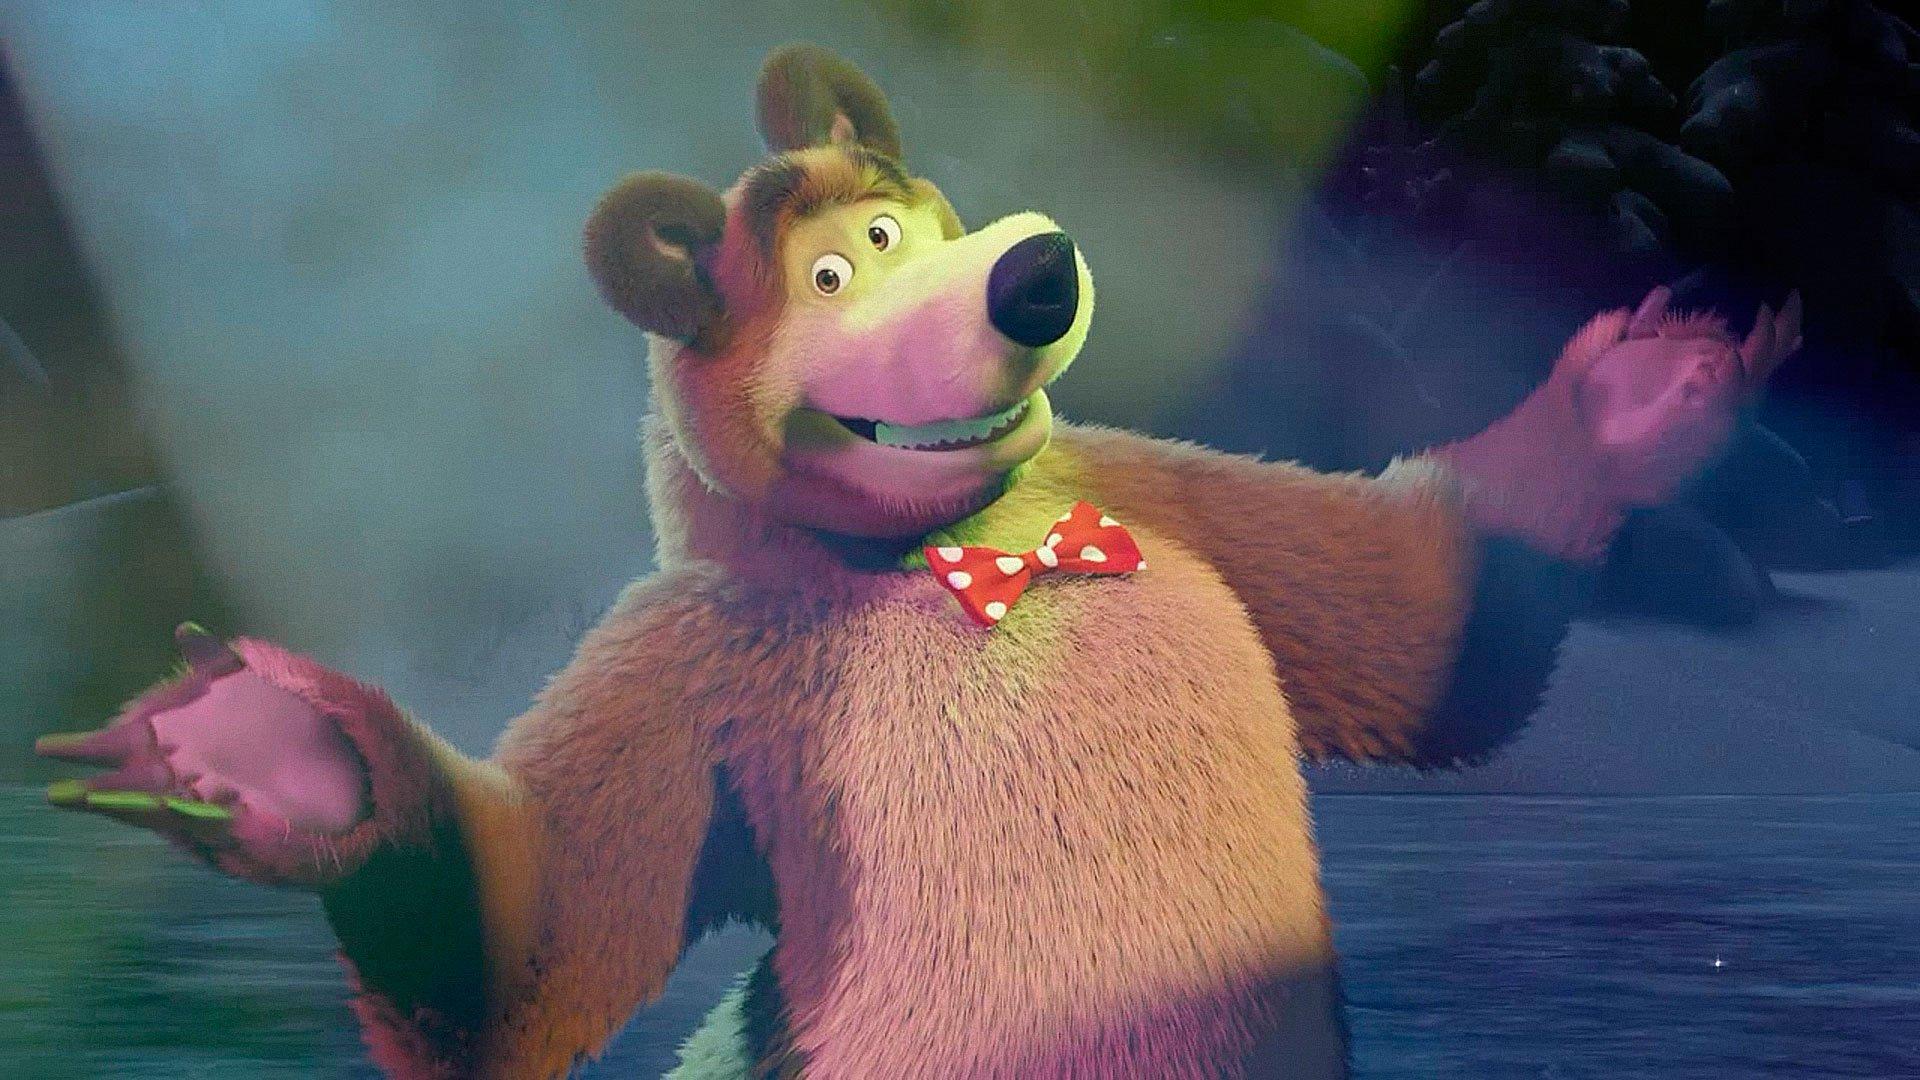 маша и медведь лунтик фиксики мульт в кино барбоскины герои которые воспитывают ребенка за вас аркадий паровозов все серии